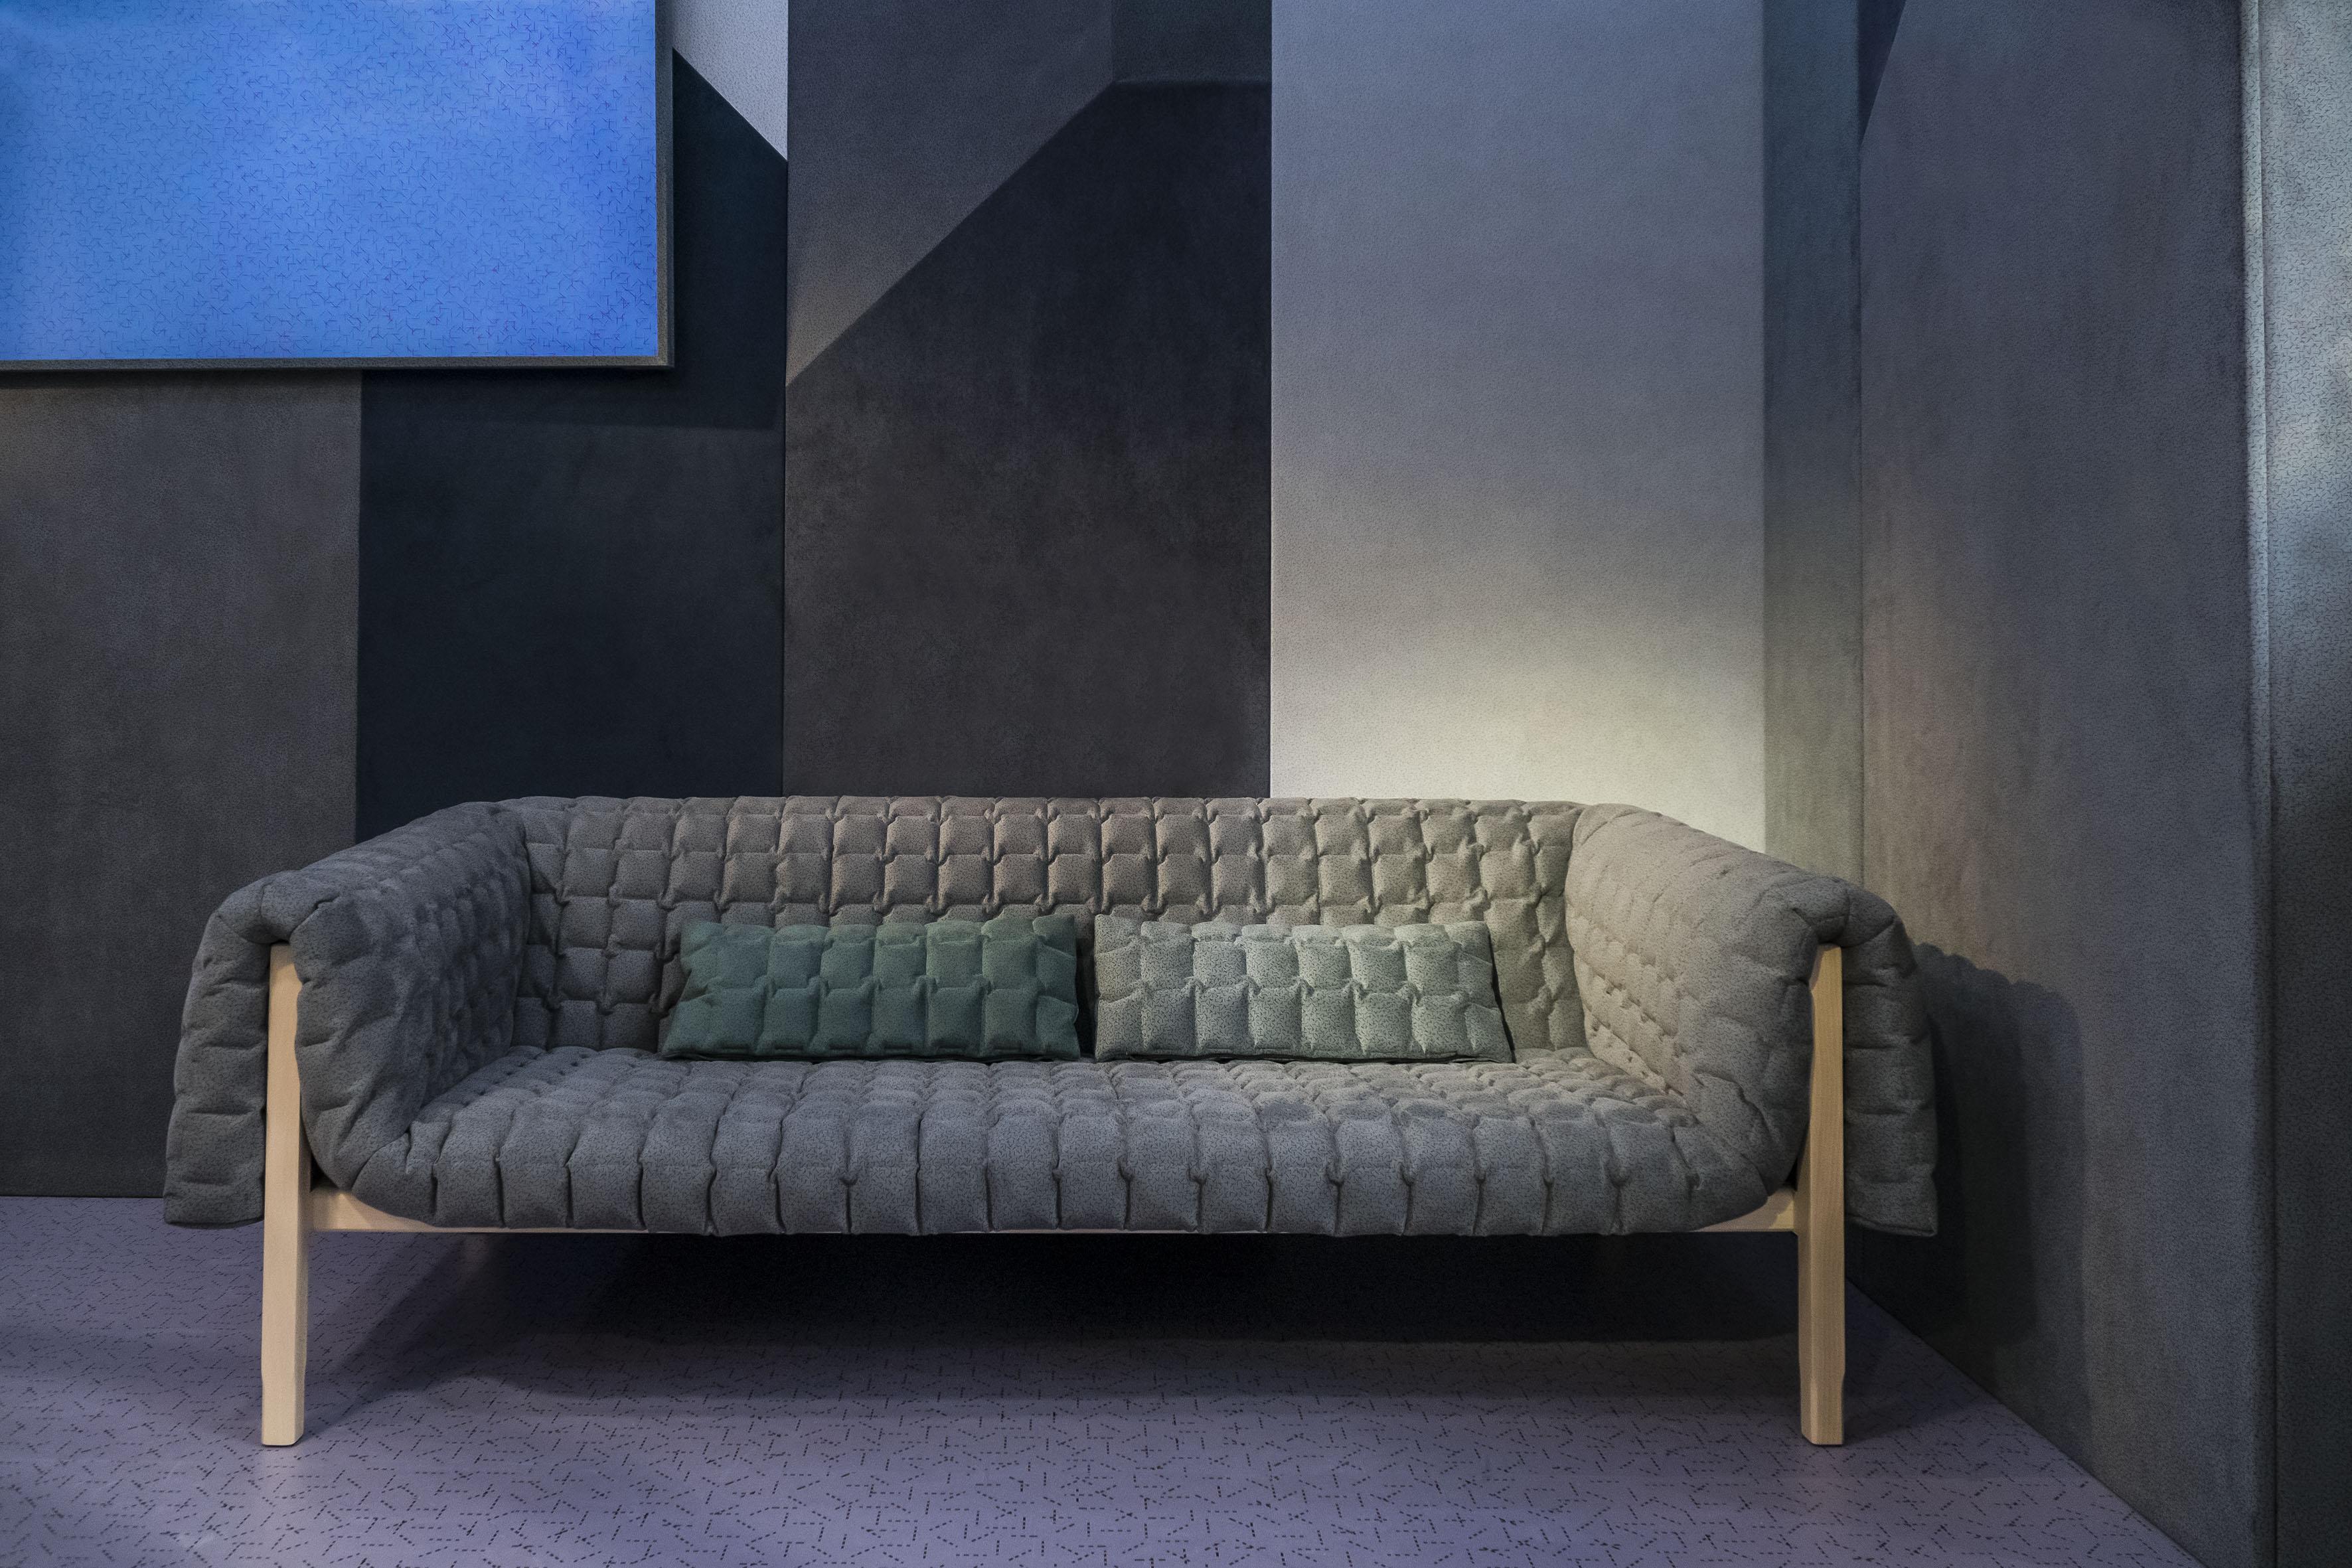 alcantara sofa fabulous materials with alcantara sofa. Black Bedroom Furniture Sets. Home Design Ideas